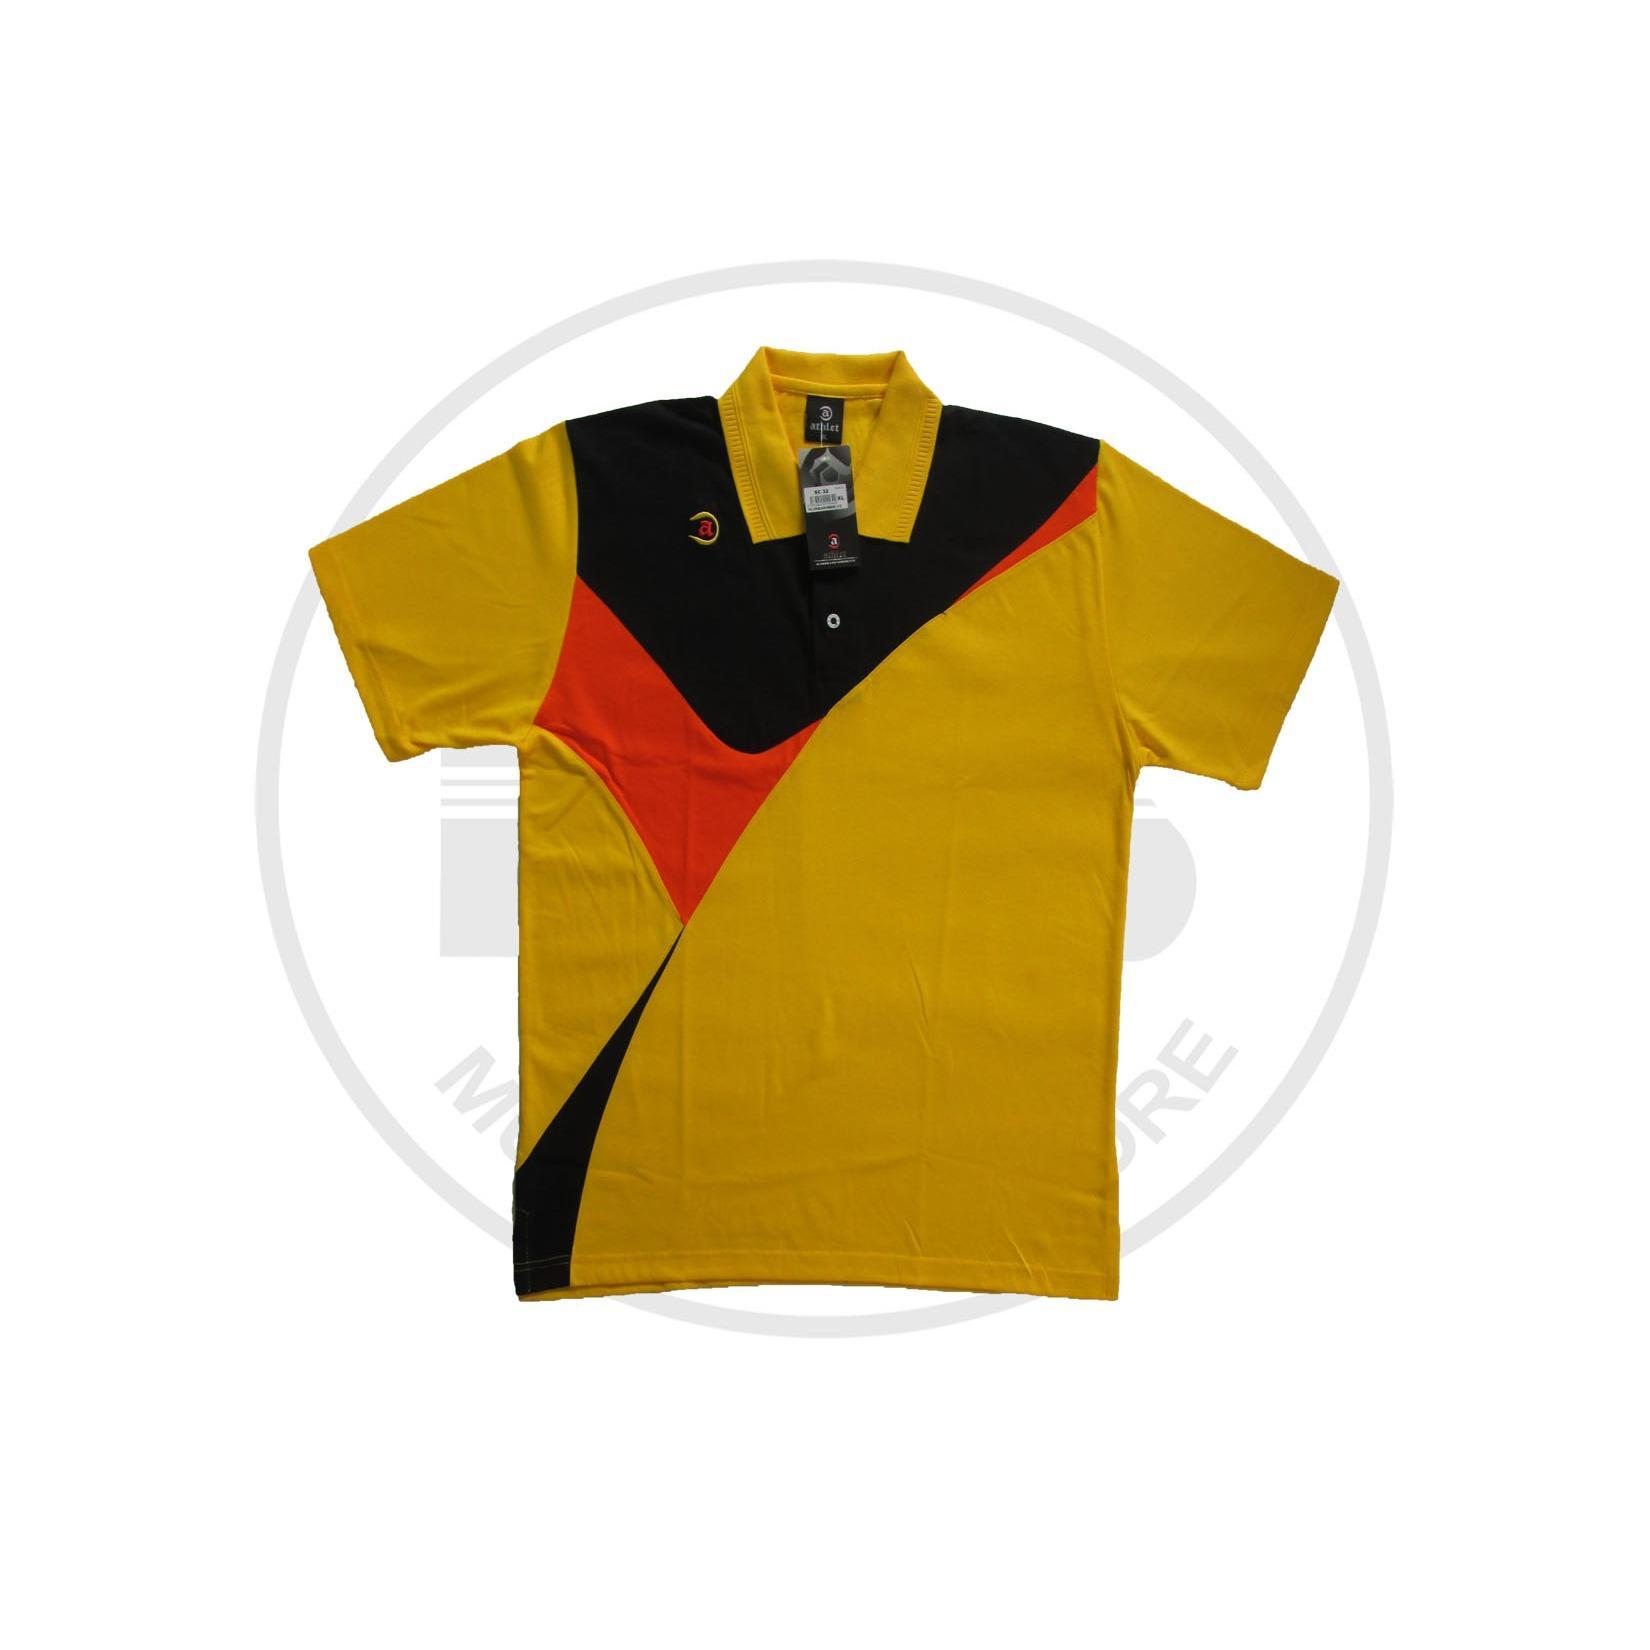 baju training merk athlet warna kuning list hitam merah